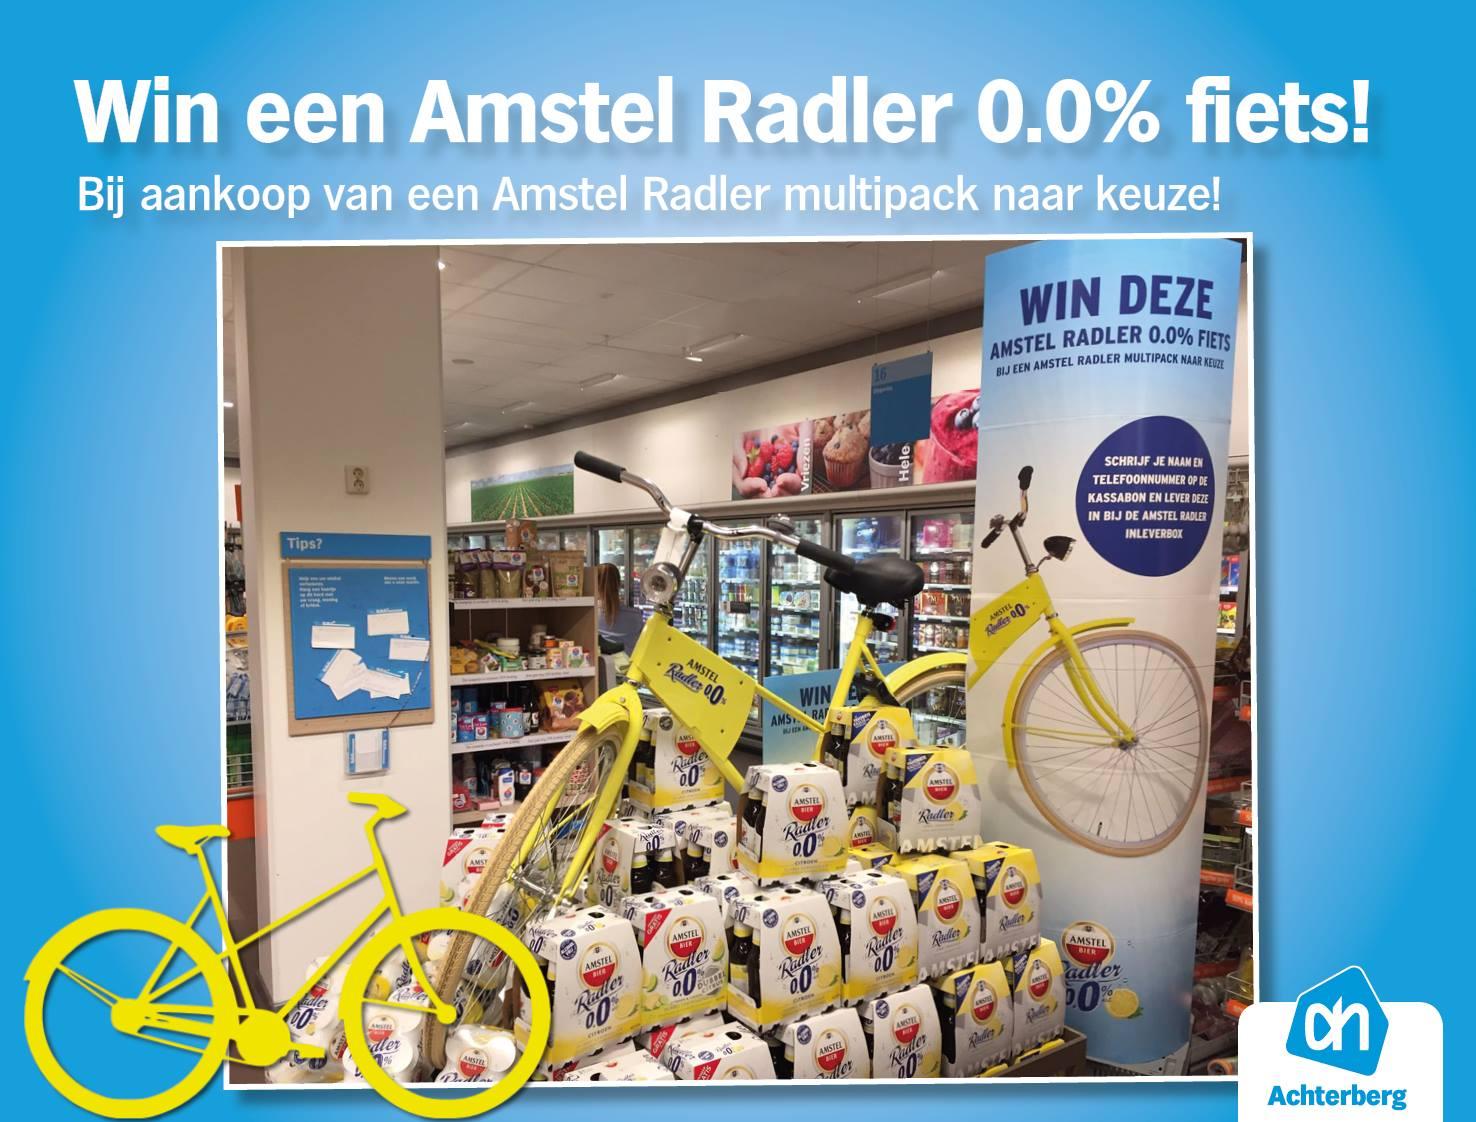 Win een Amstel Radler fiets